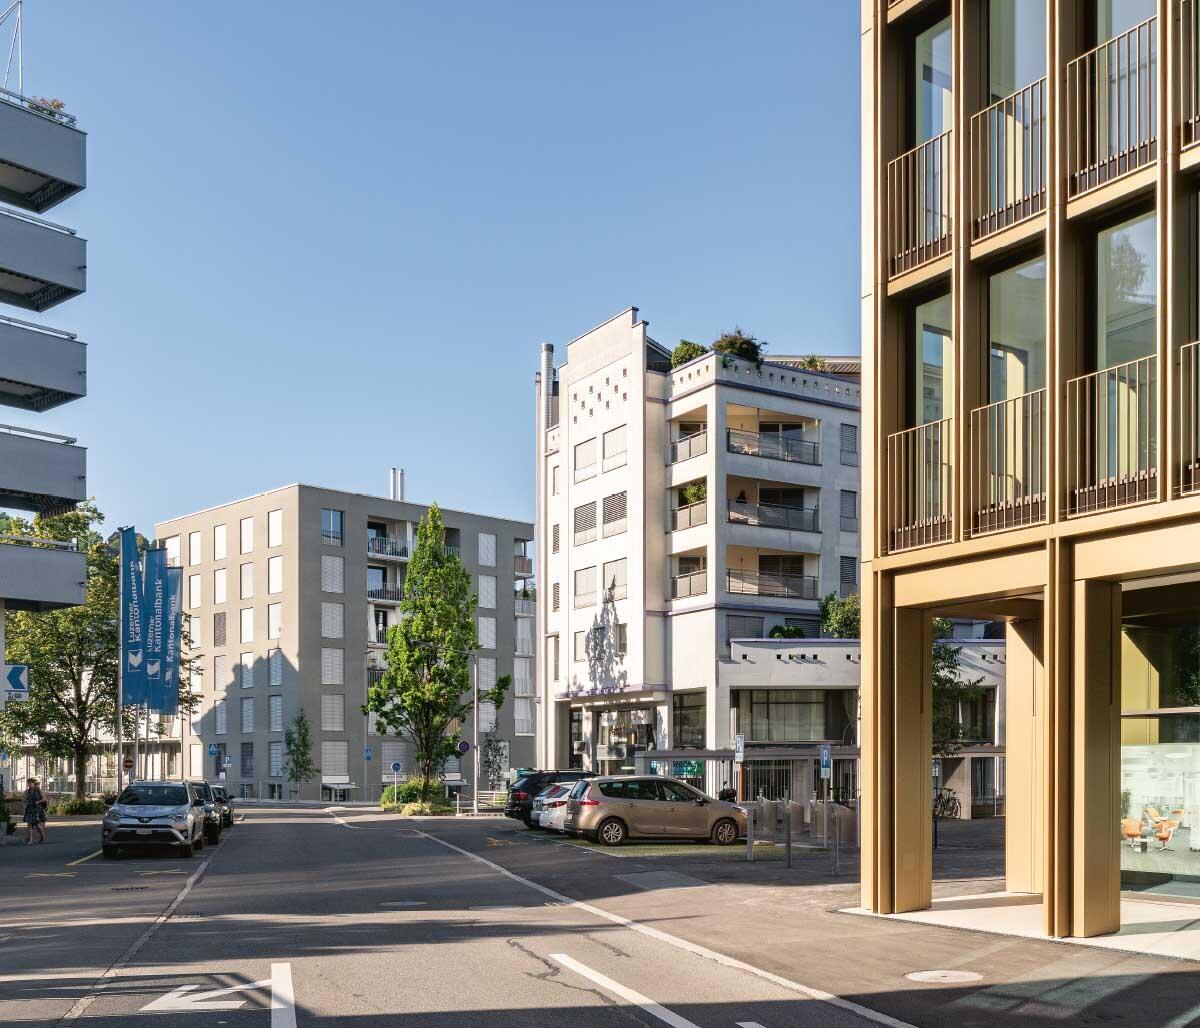 Dank seinem städtischen Massstab verbindet das neue Stadthaus von Kriens mit seiner zart proportionierten Aluminiumfassade die Einzelbauten des Bestands zum Ensemble. Bild: Roman Keller